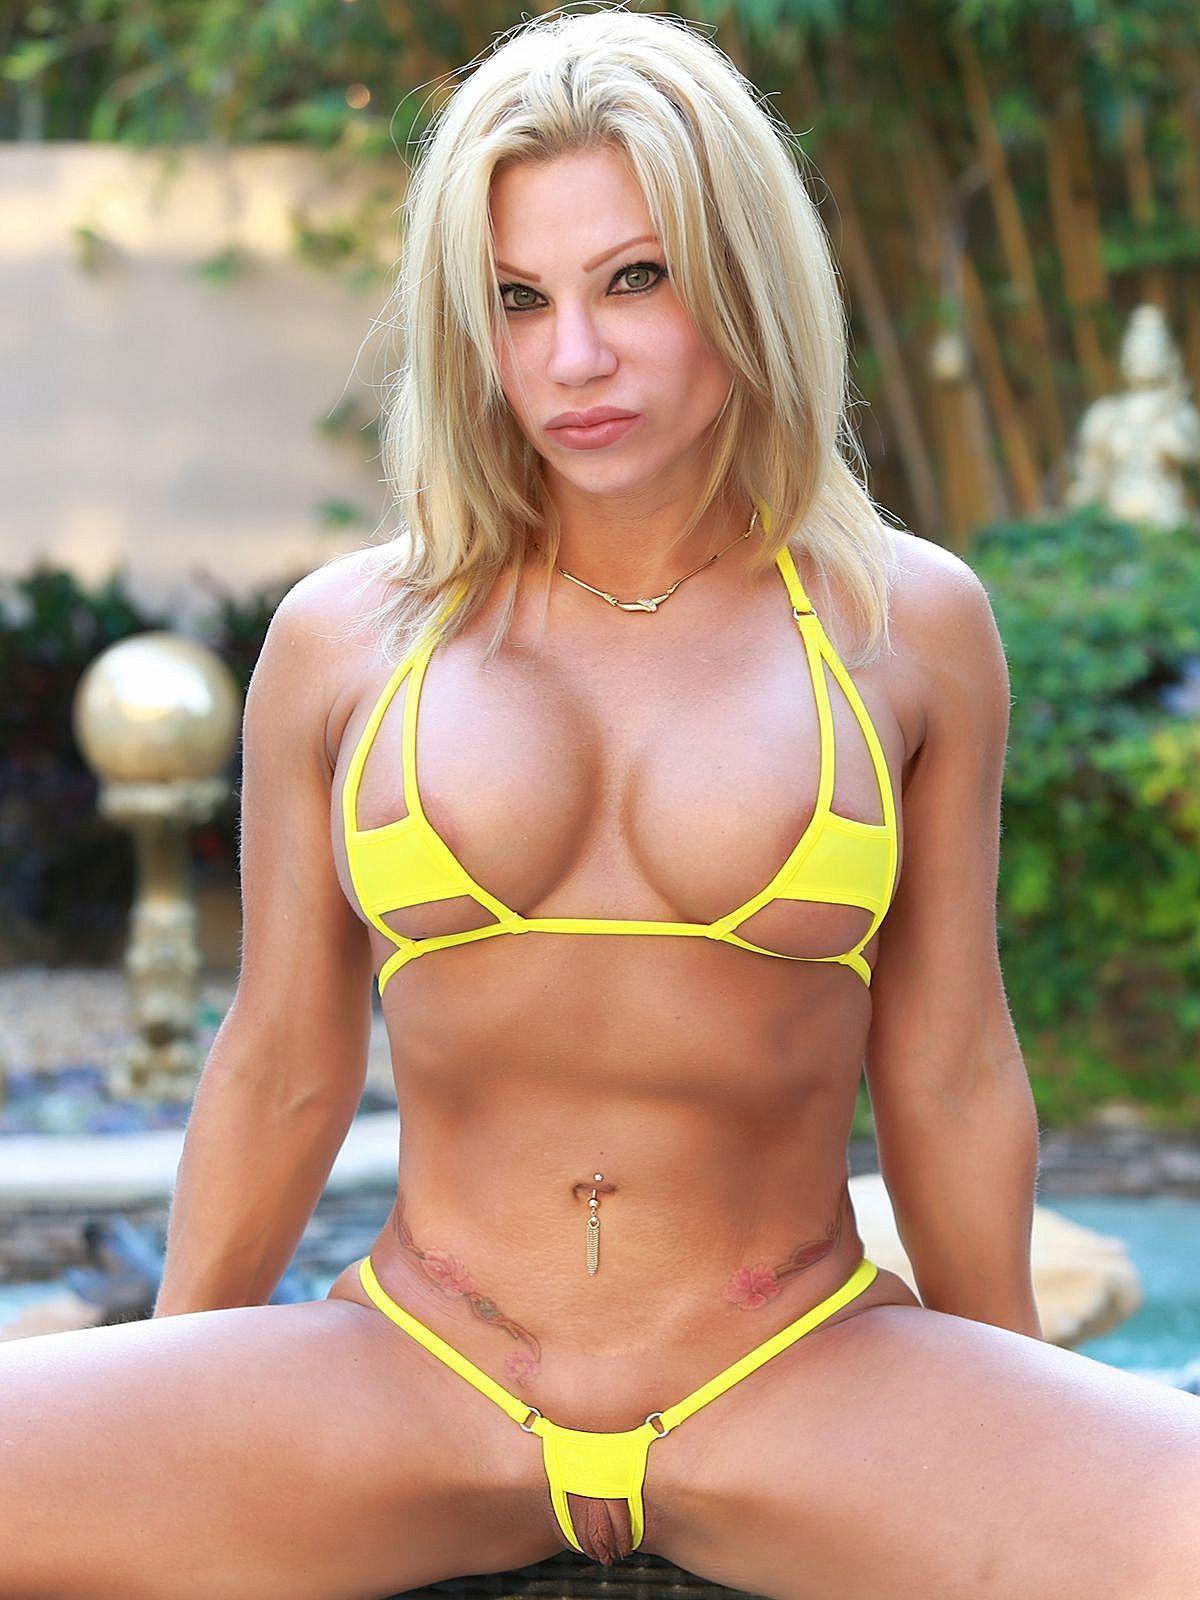 Bikini daring girl